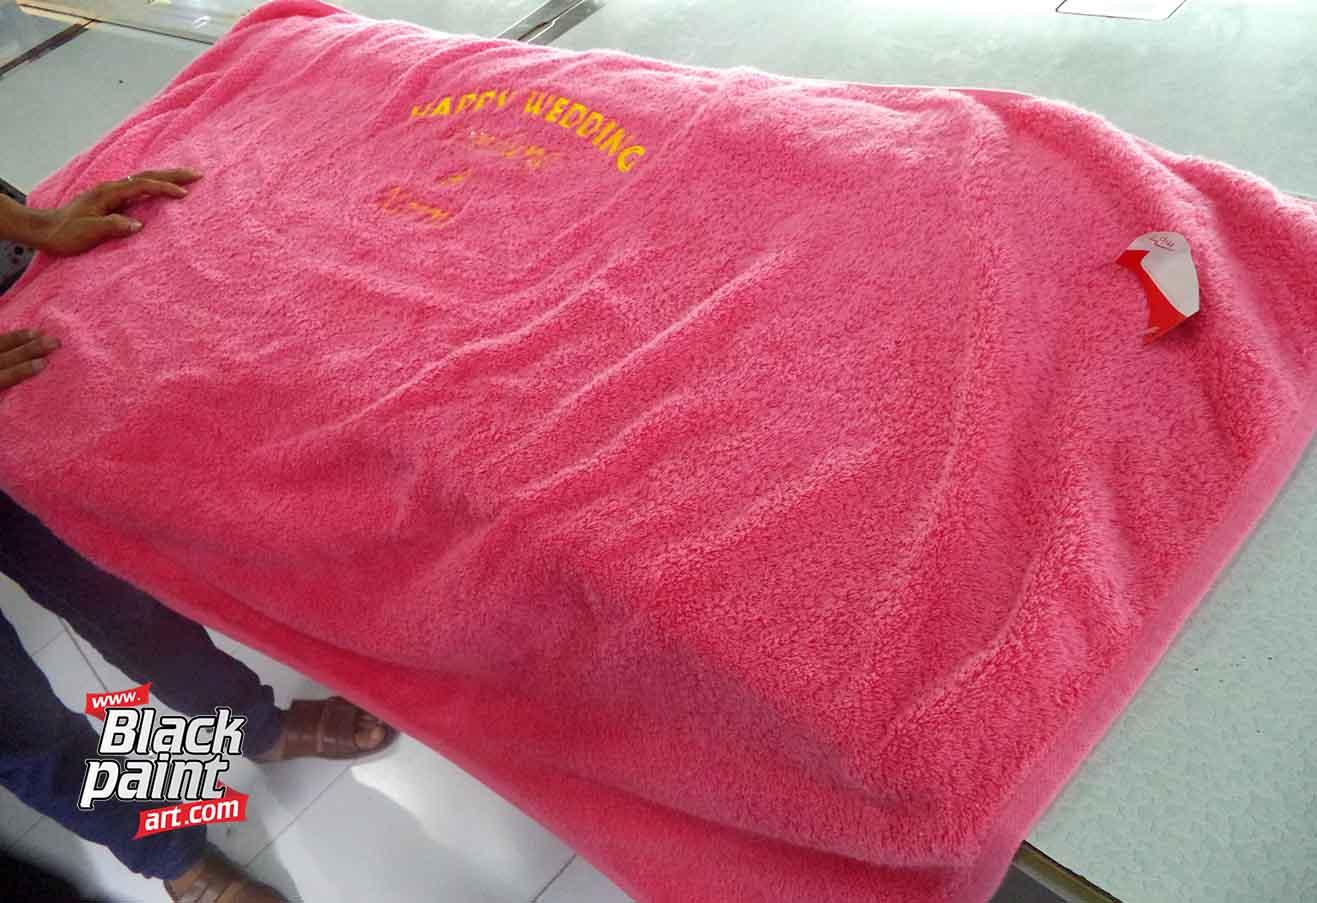 352 sablon handuk pekanbaru.jpg